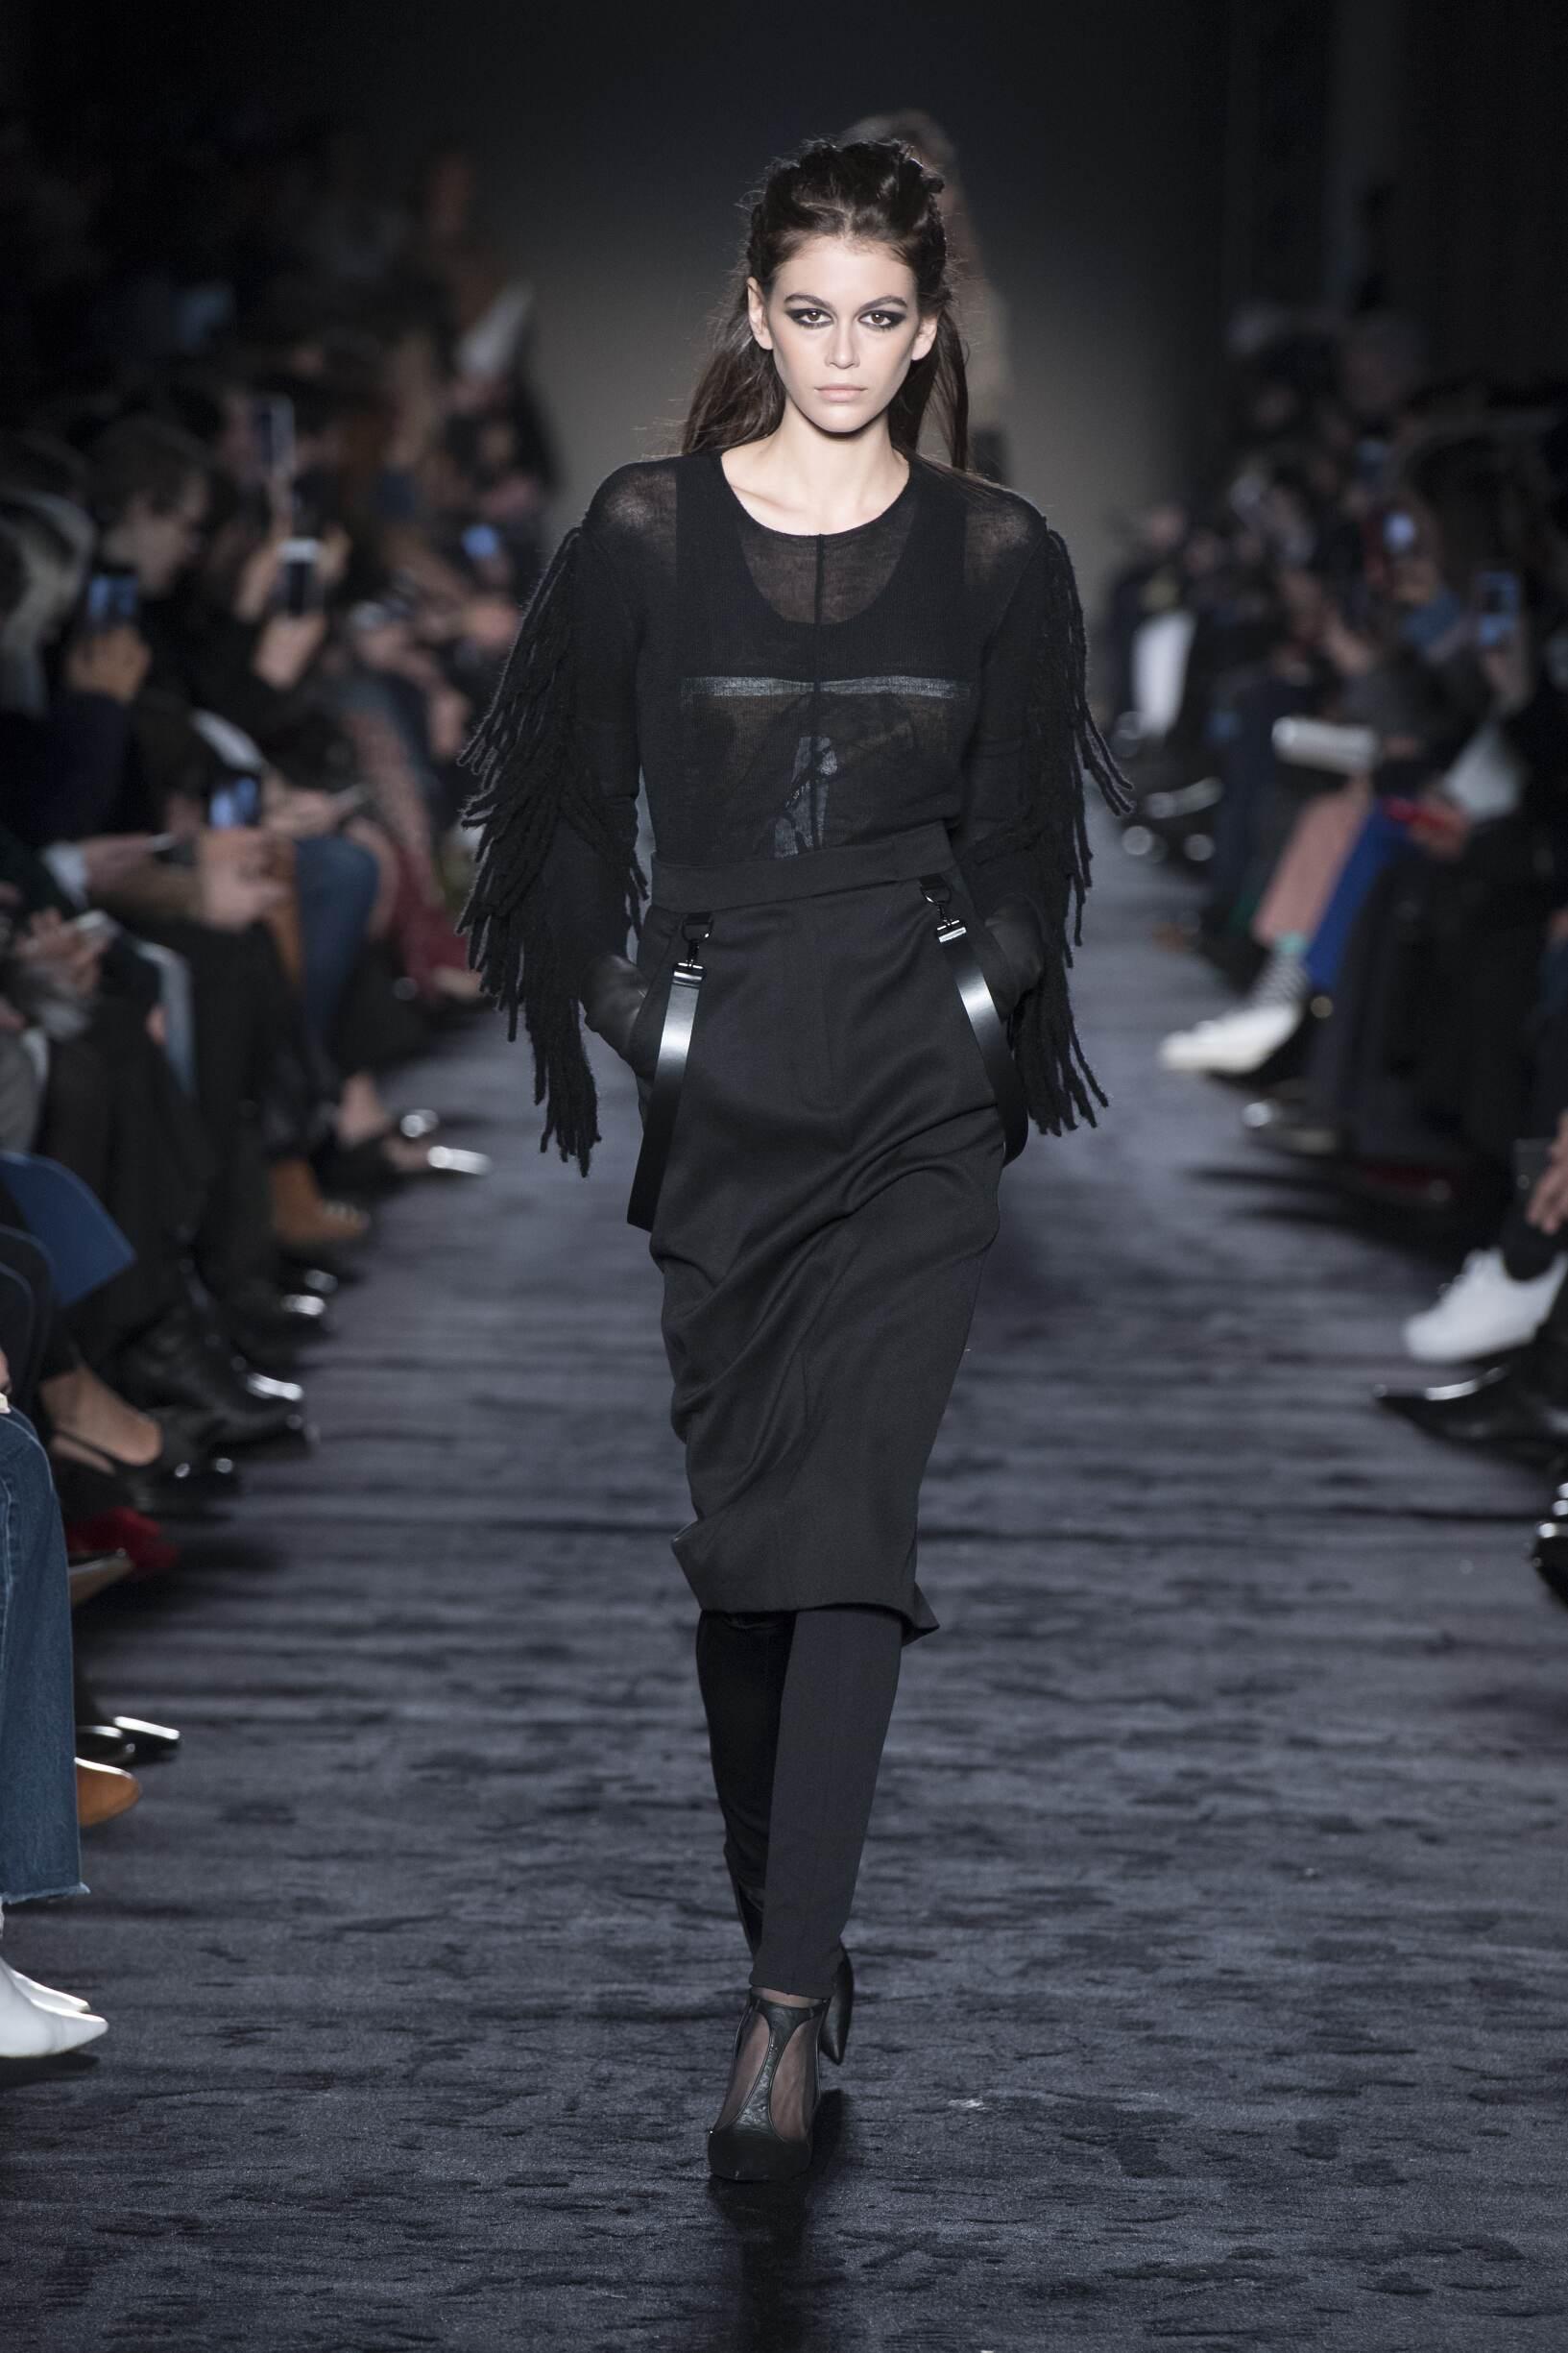 Winter 2018 Fashion Trends Max Mara